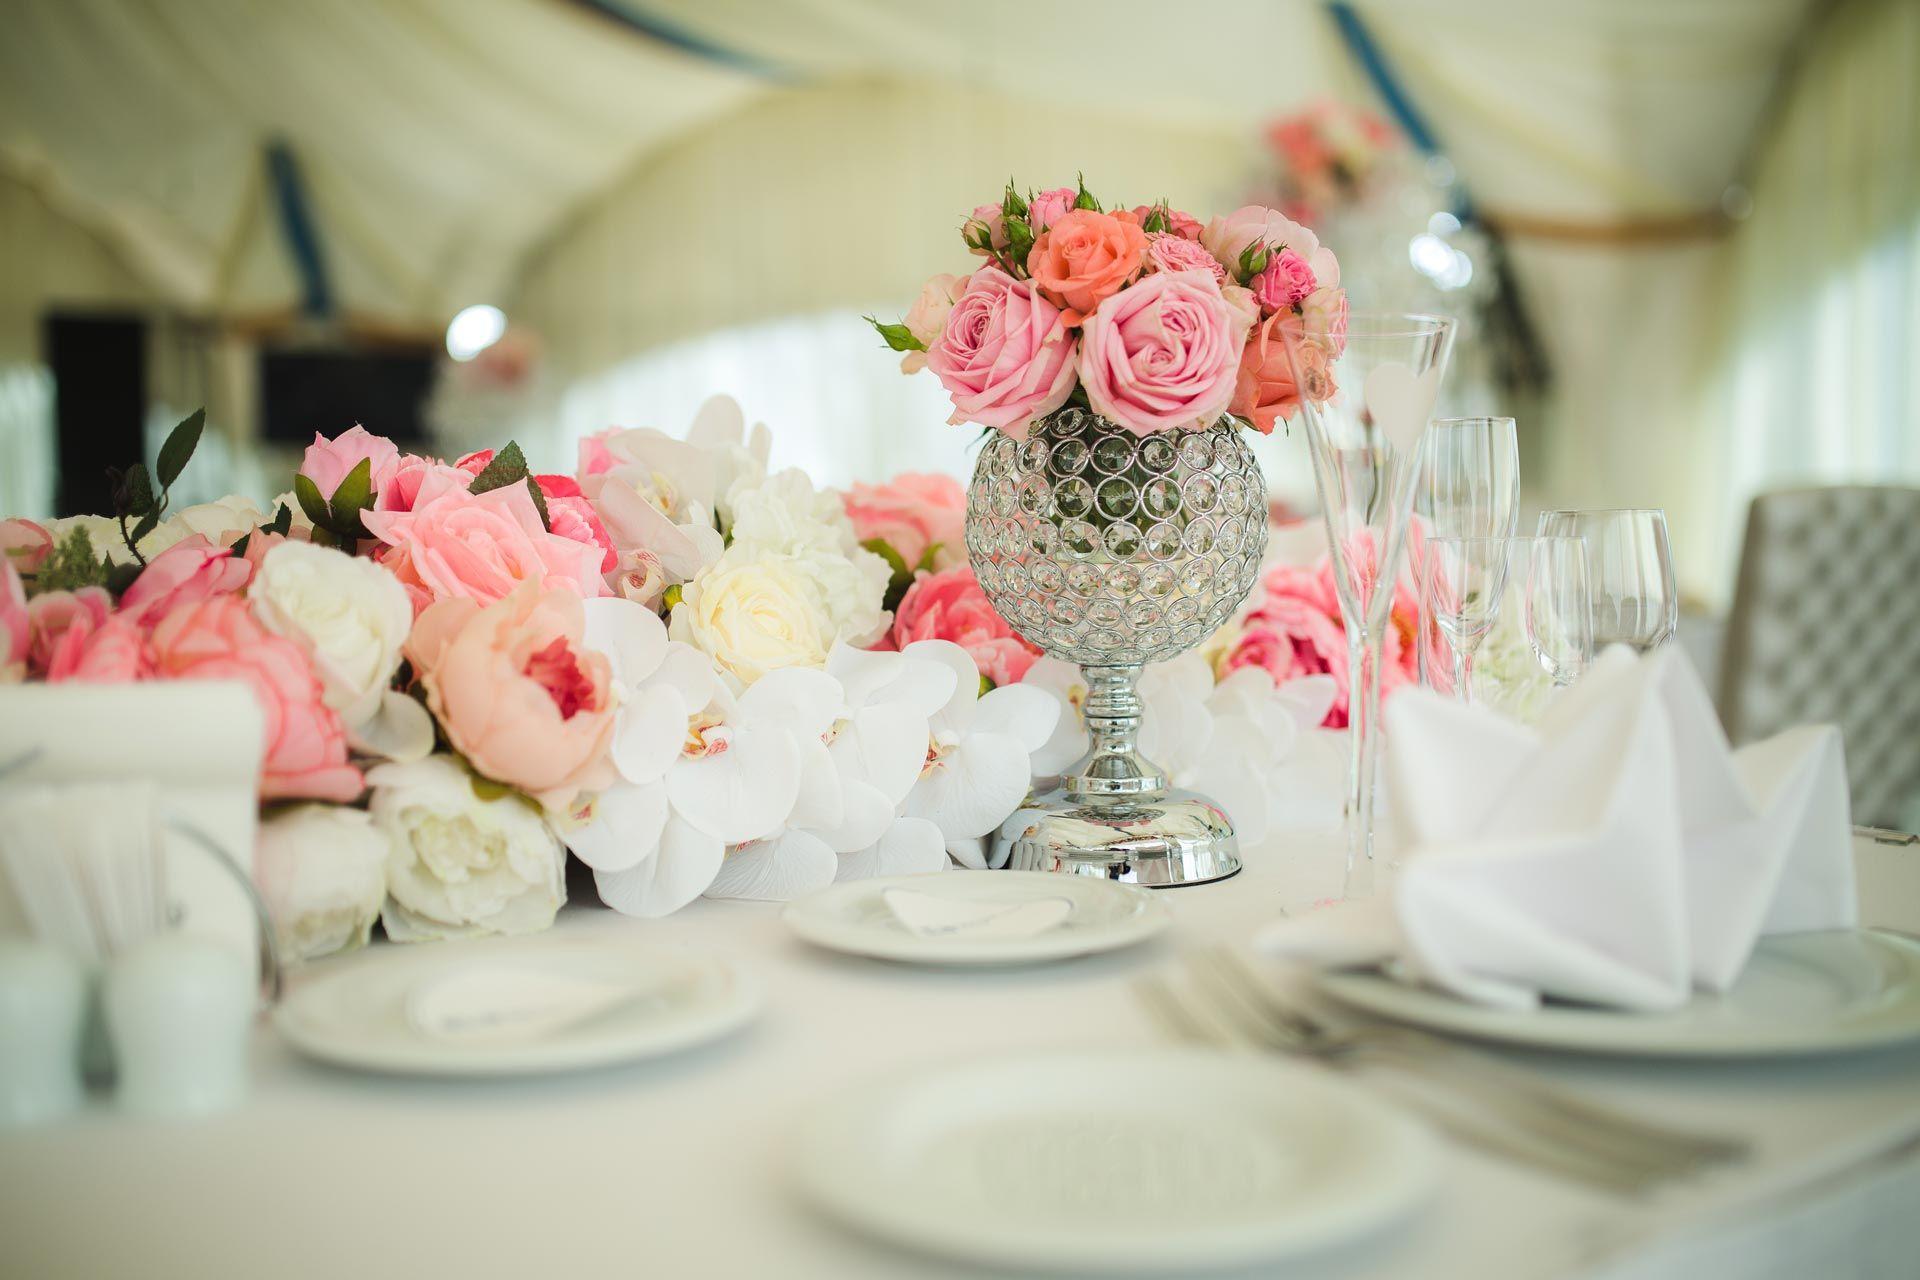 Угощение профессионалов на свадьбе — обязанность молодоженов?